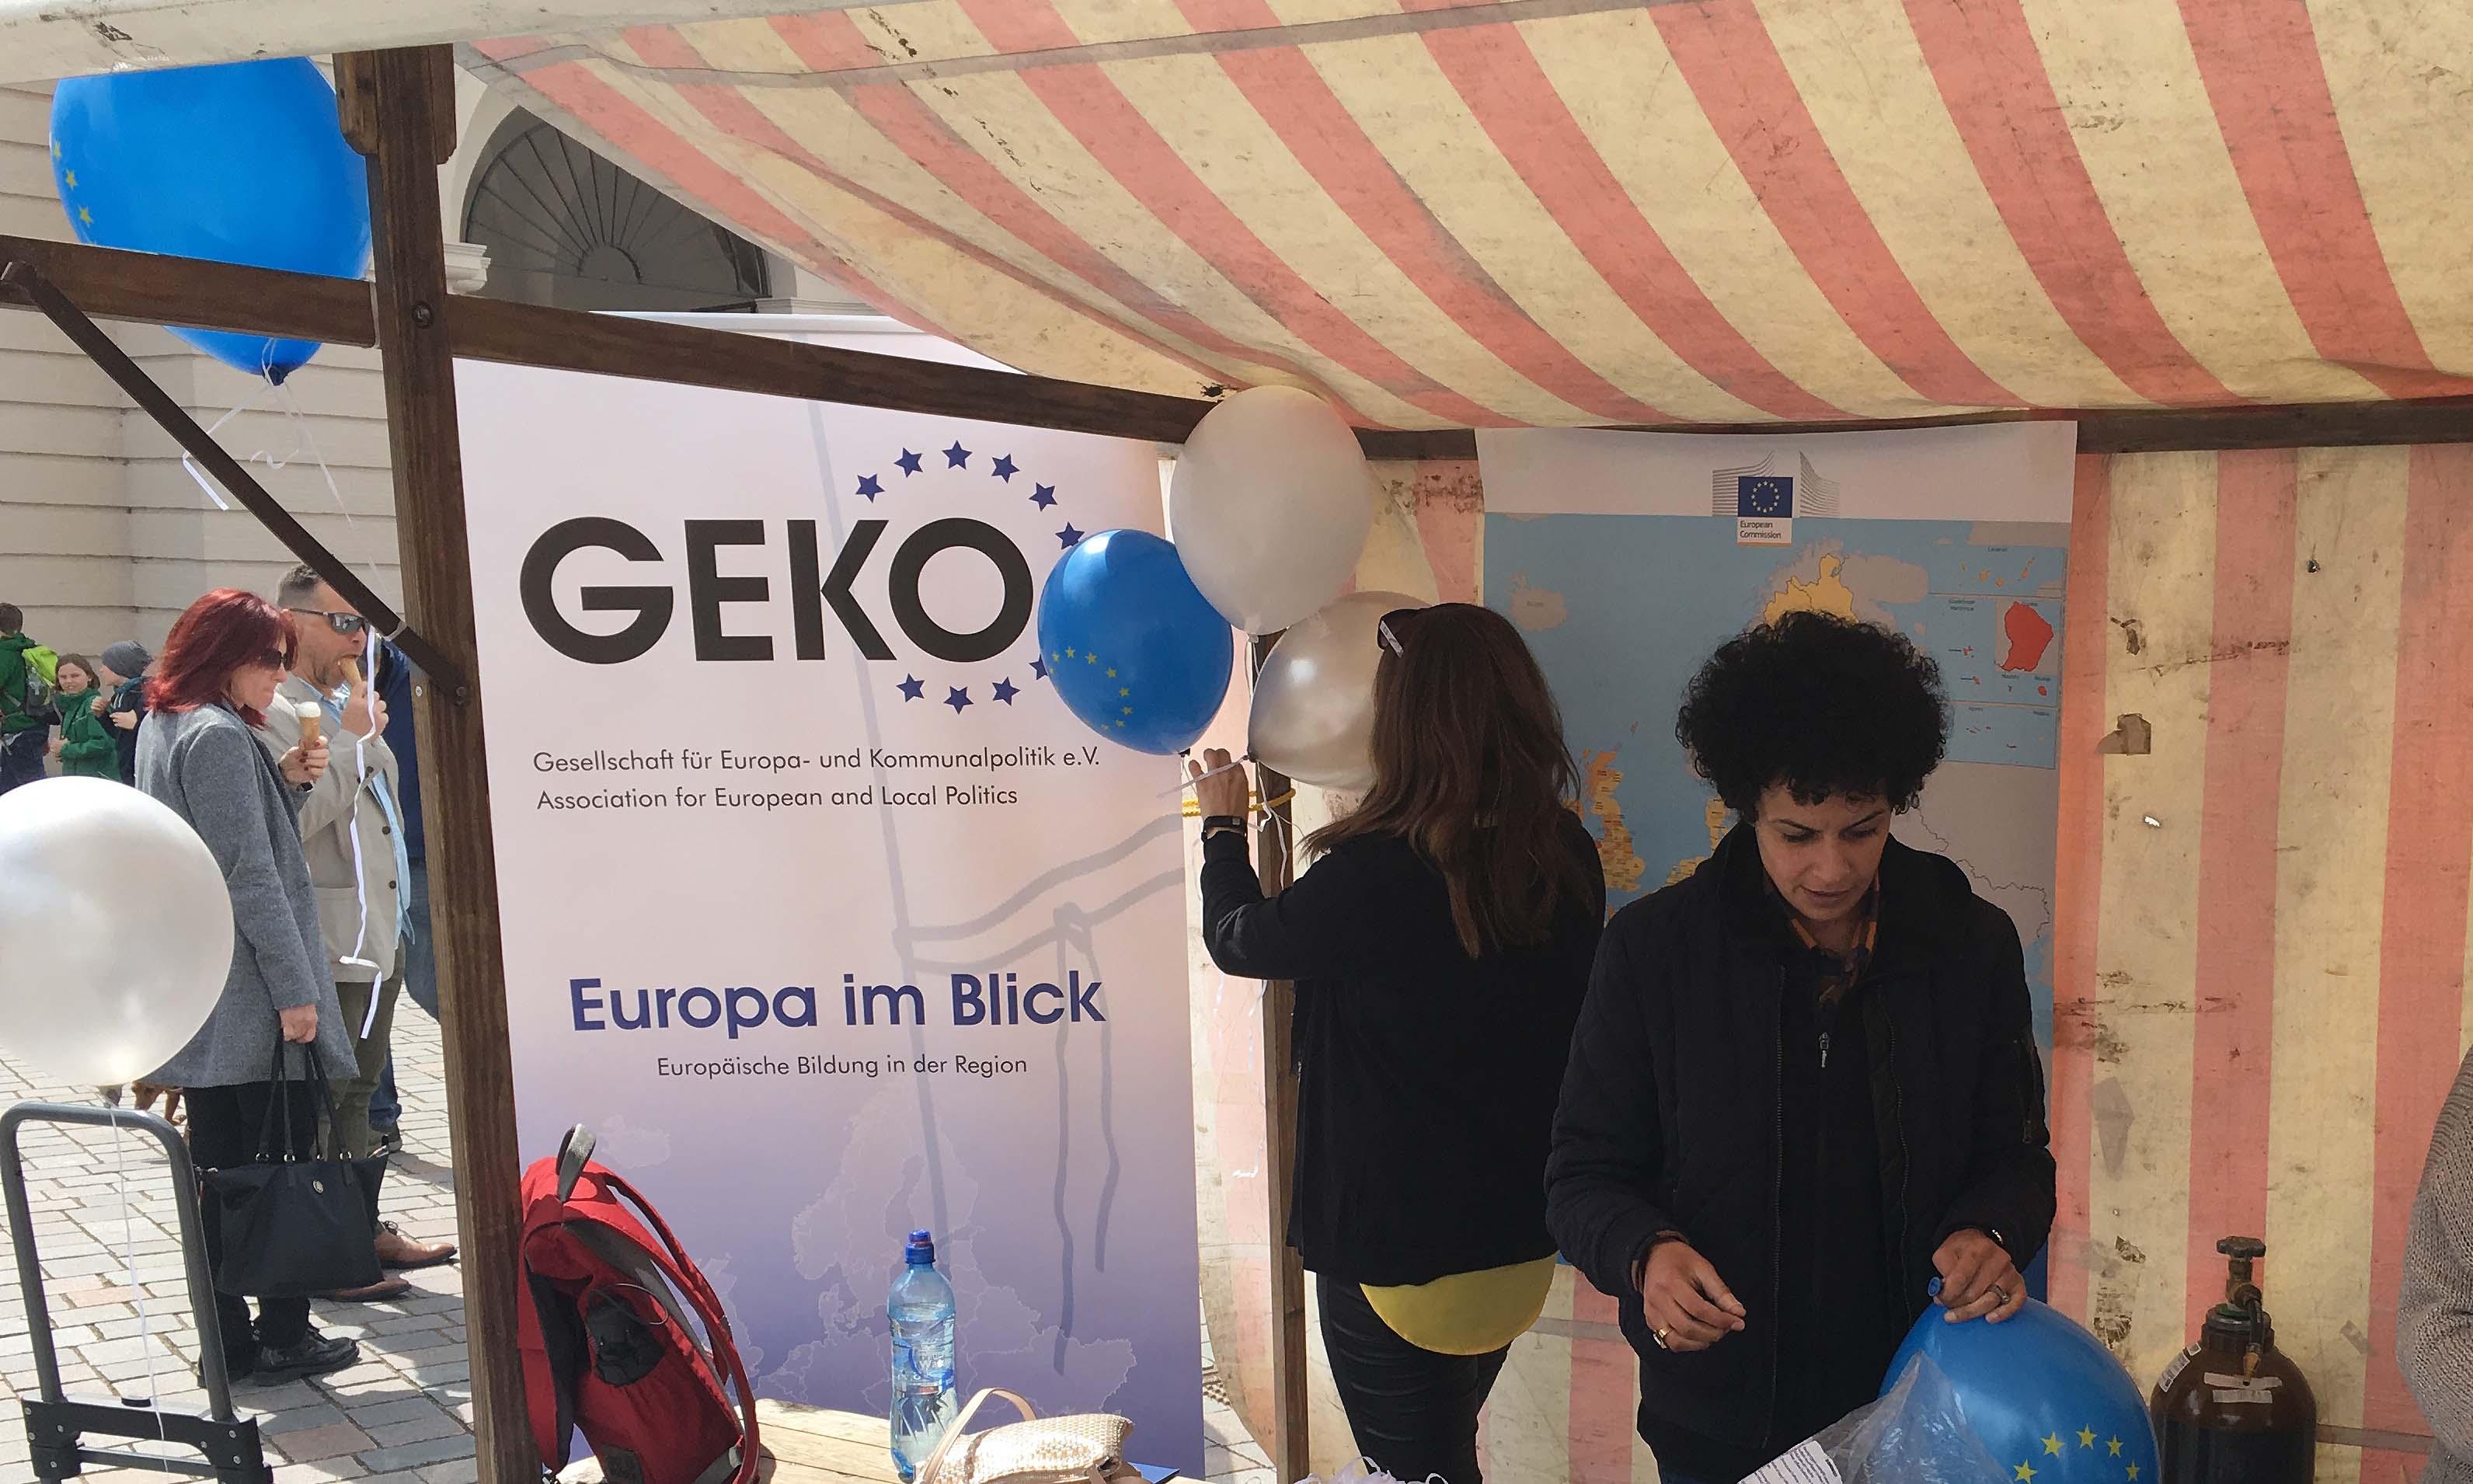 Europa im Blick und Geko präsentieren sich auf dem Europafest. Potsdam 9.5.2019